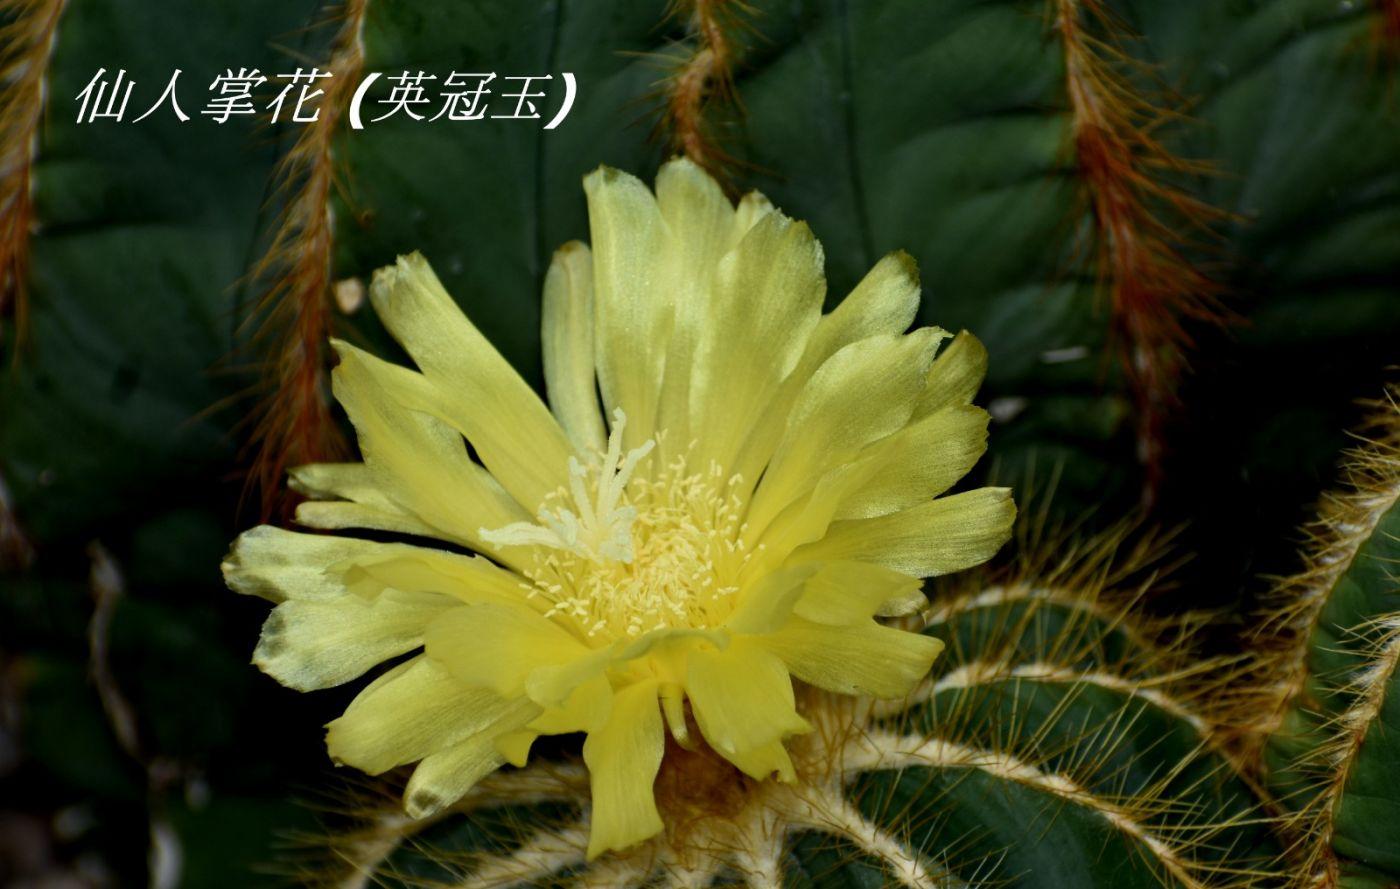 花草图谱 (1)_图1-24